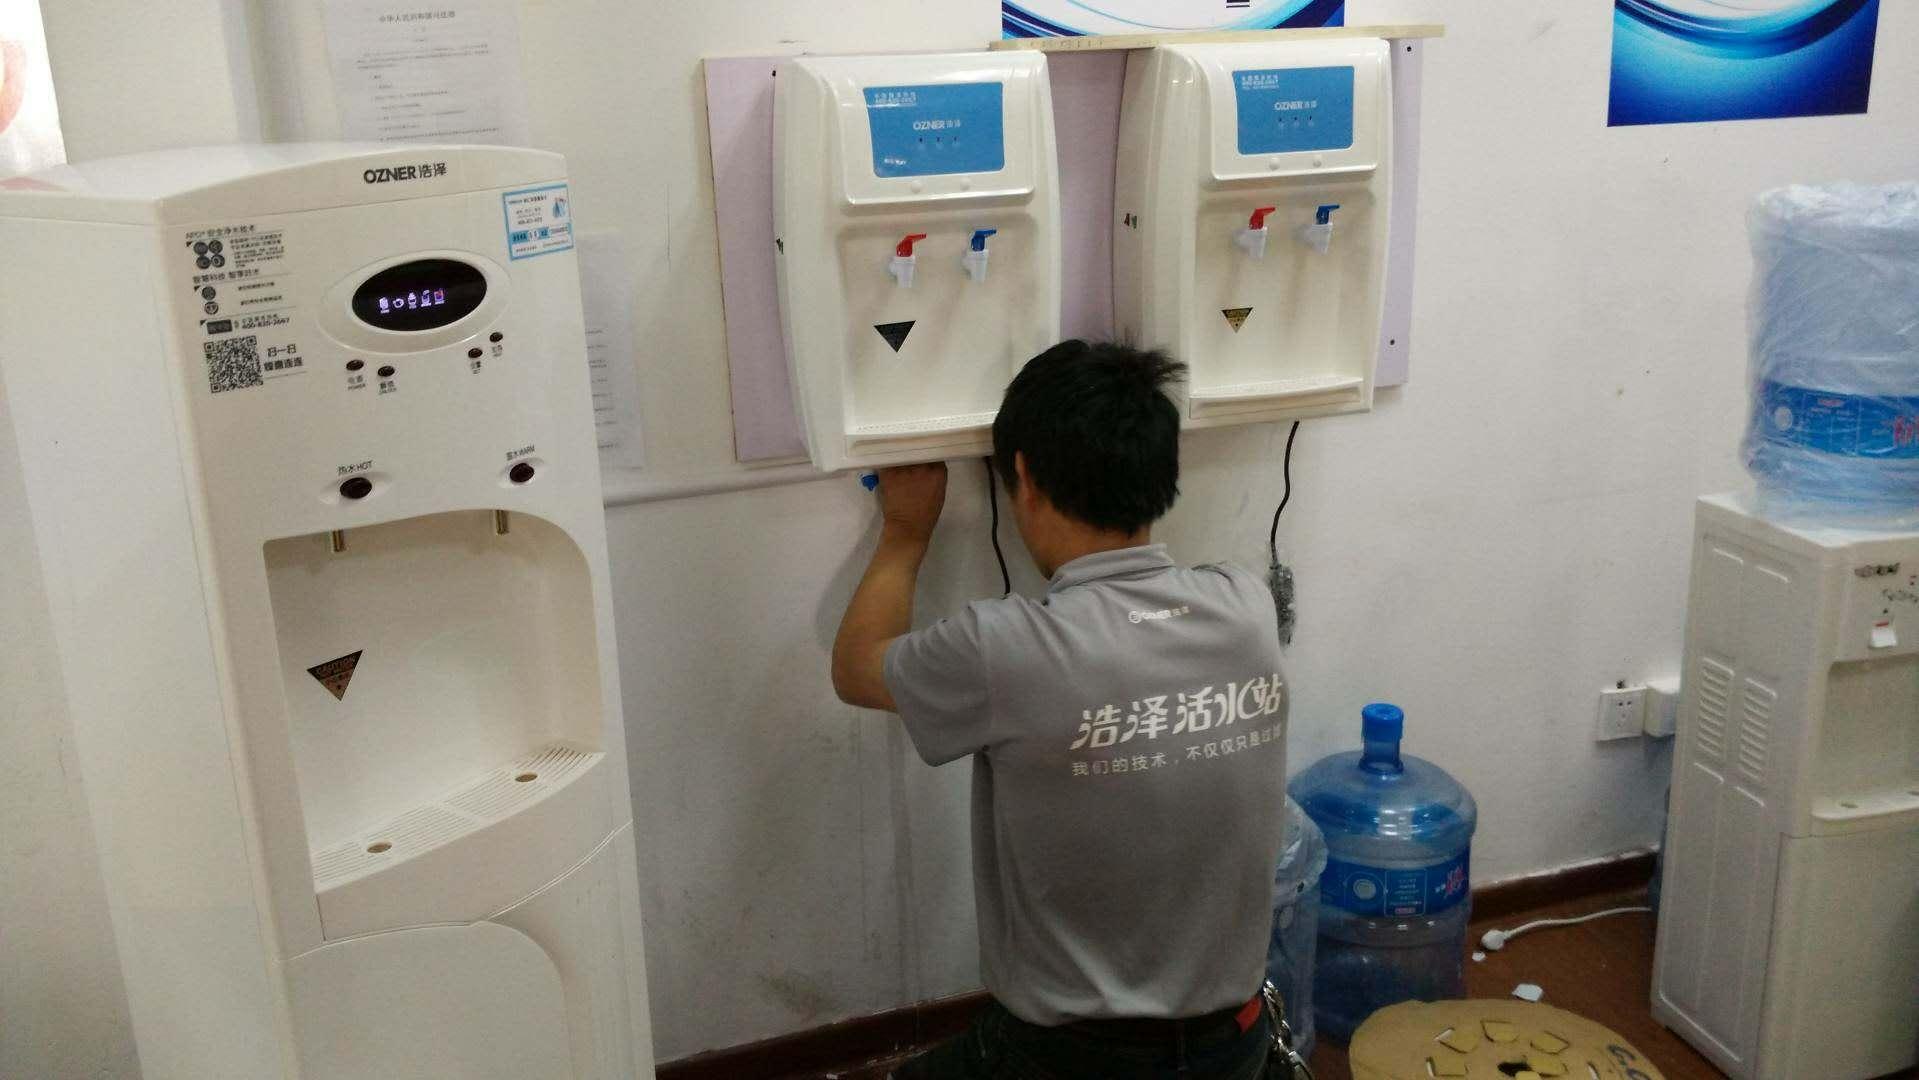 苏州浩泽净水器